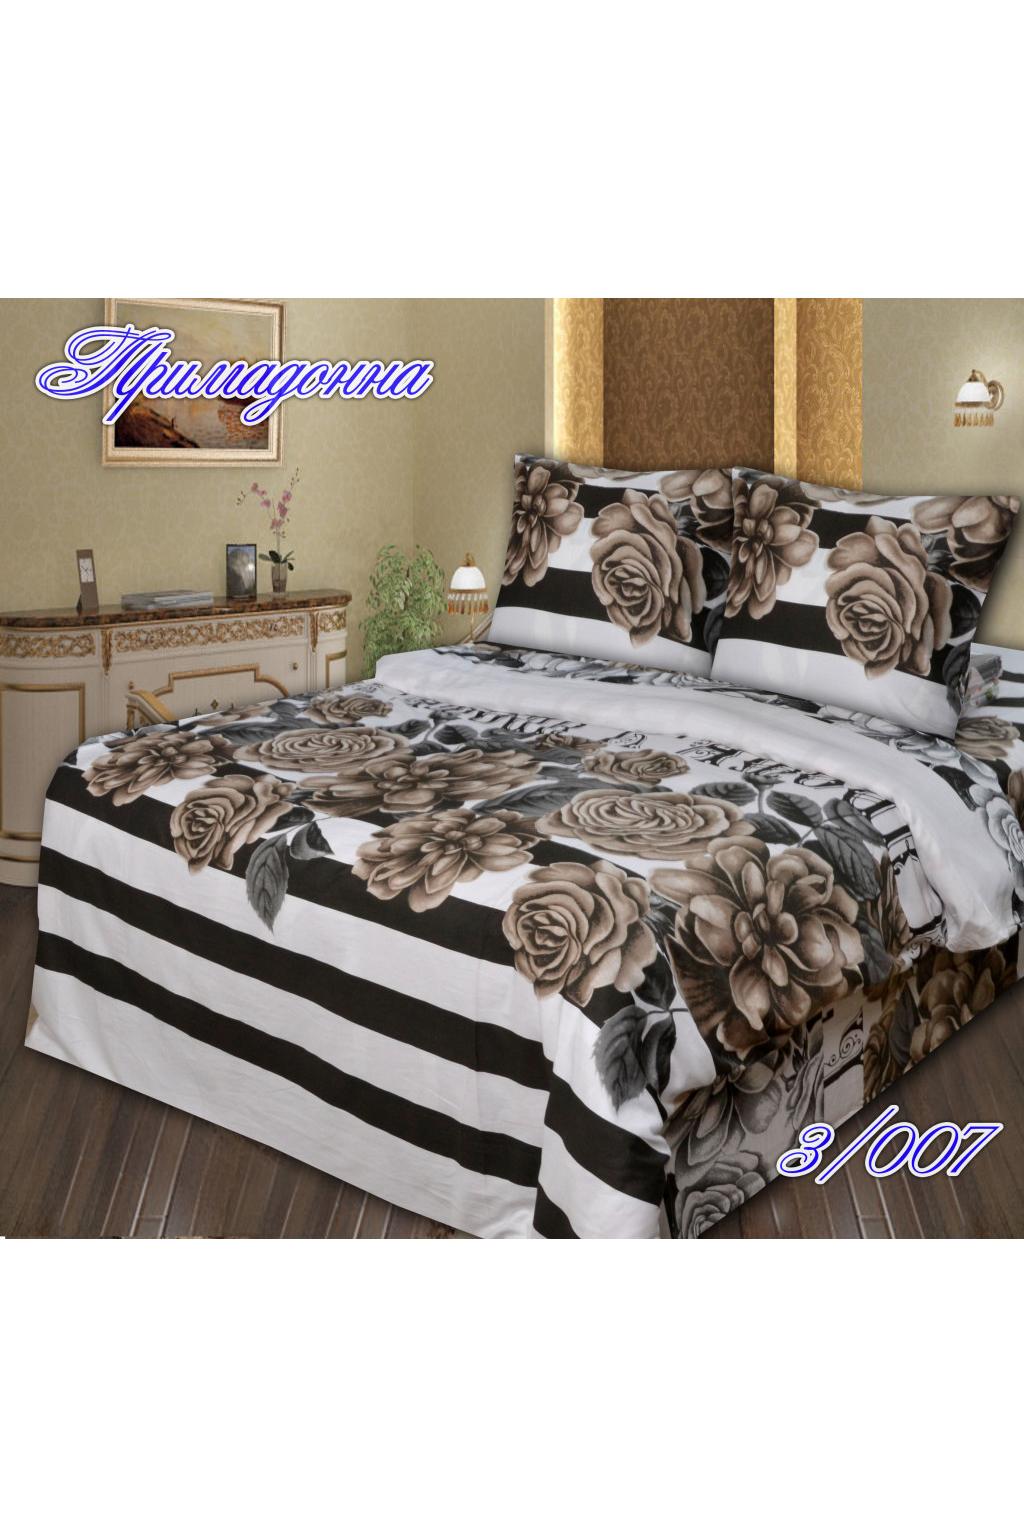 Комплект постельного белья россия комплект постельного белья kpb 25 hlr